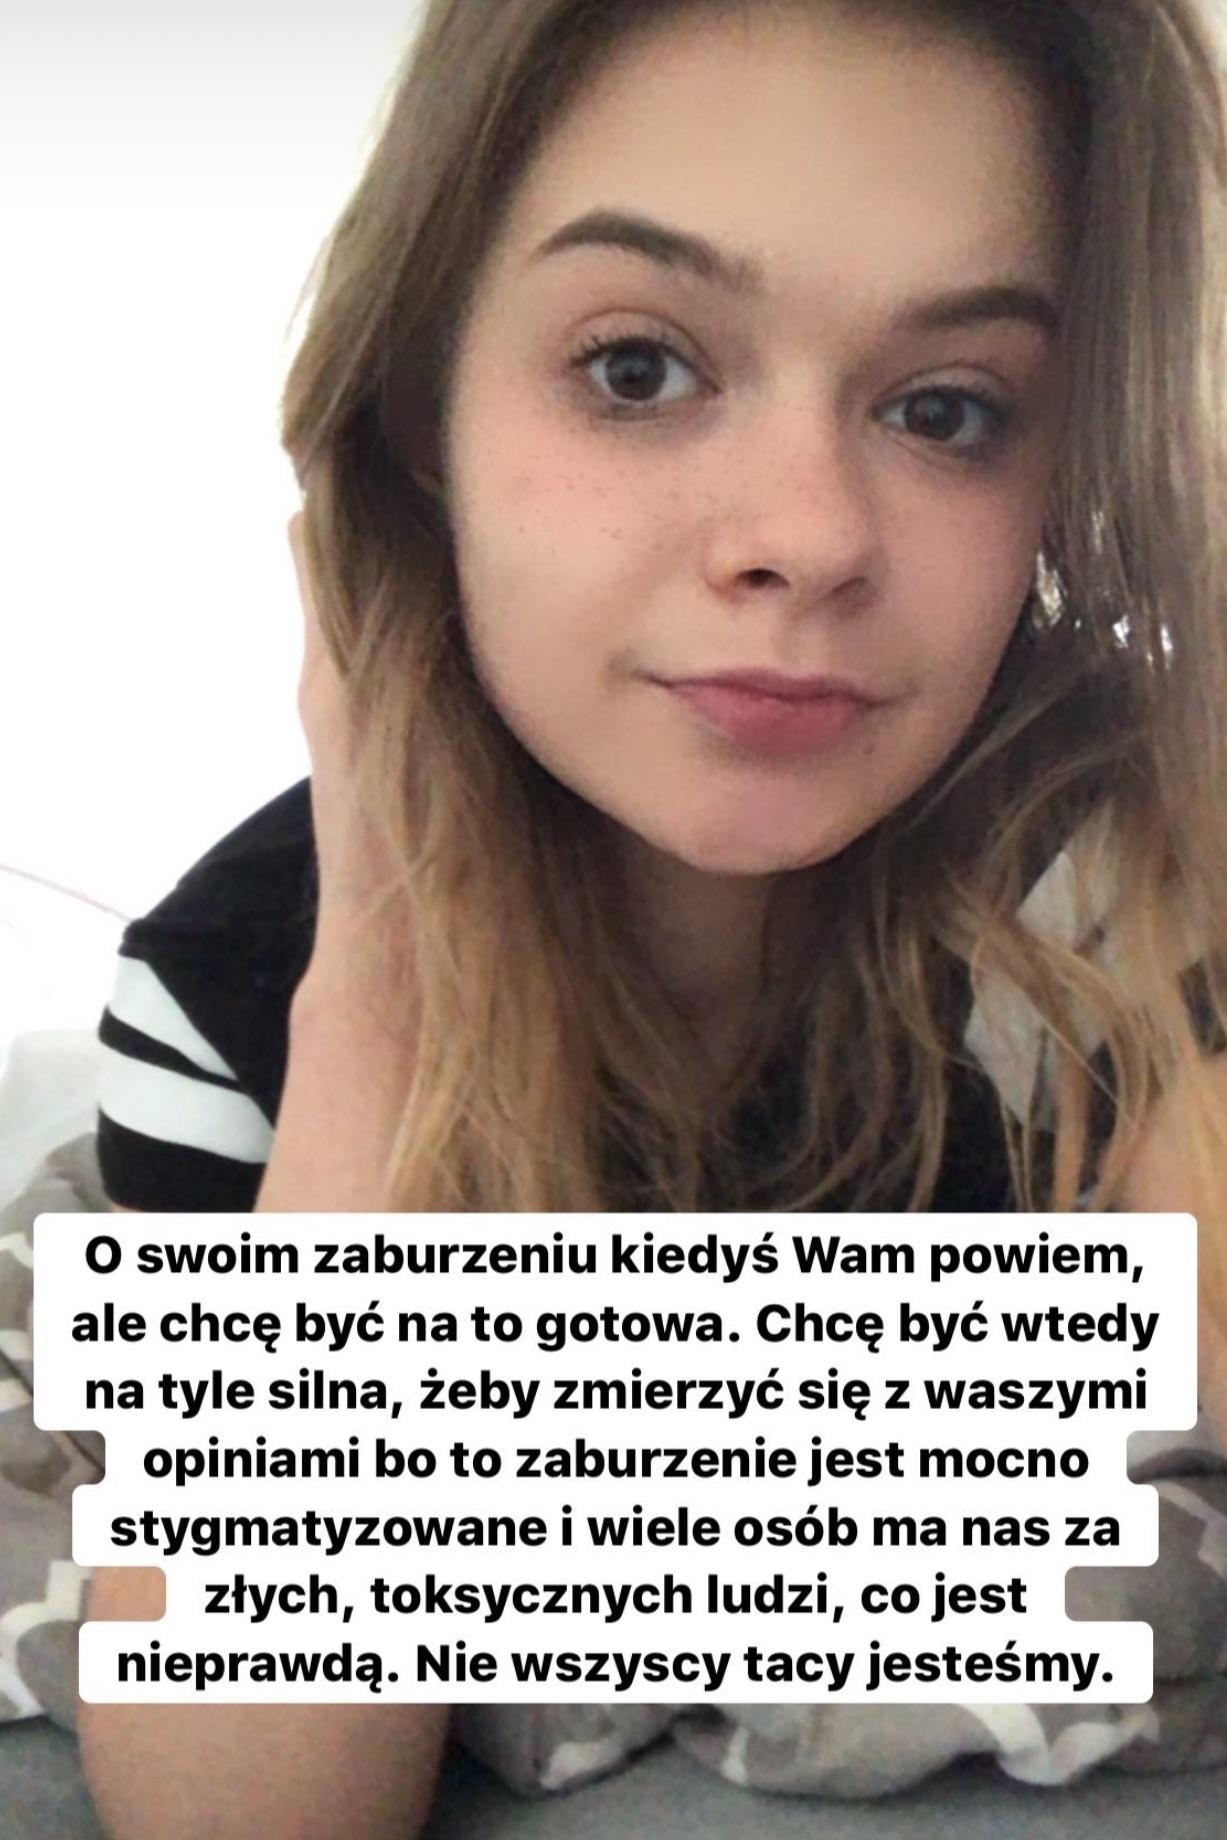 BlogStar: Julia Wróblewska odważnie o swoim leczeniu - BlogStar.pl